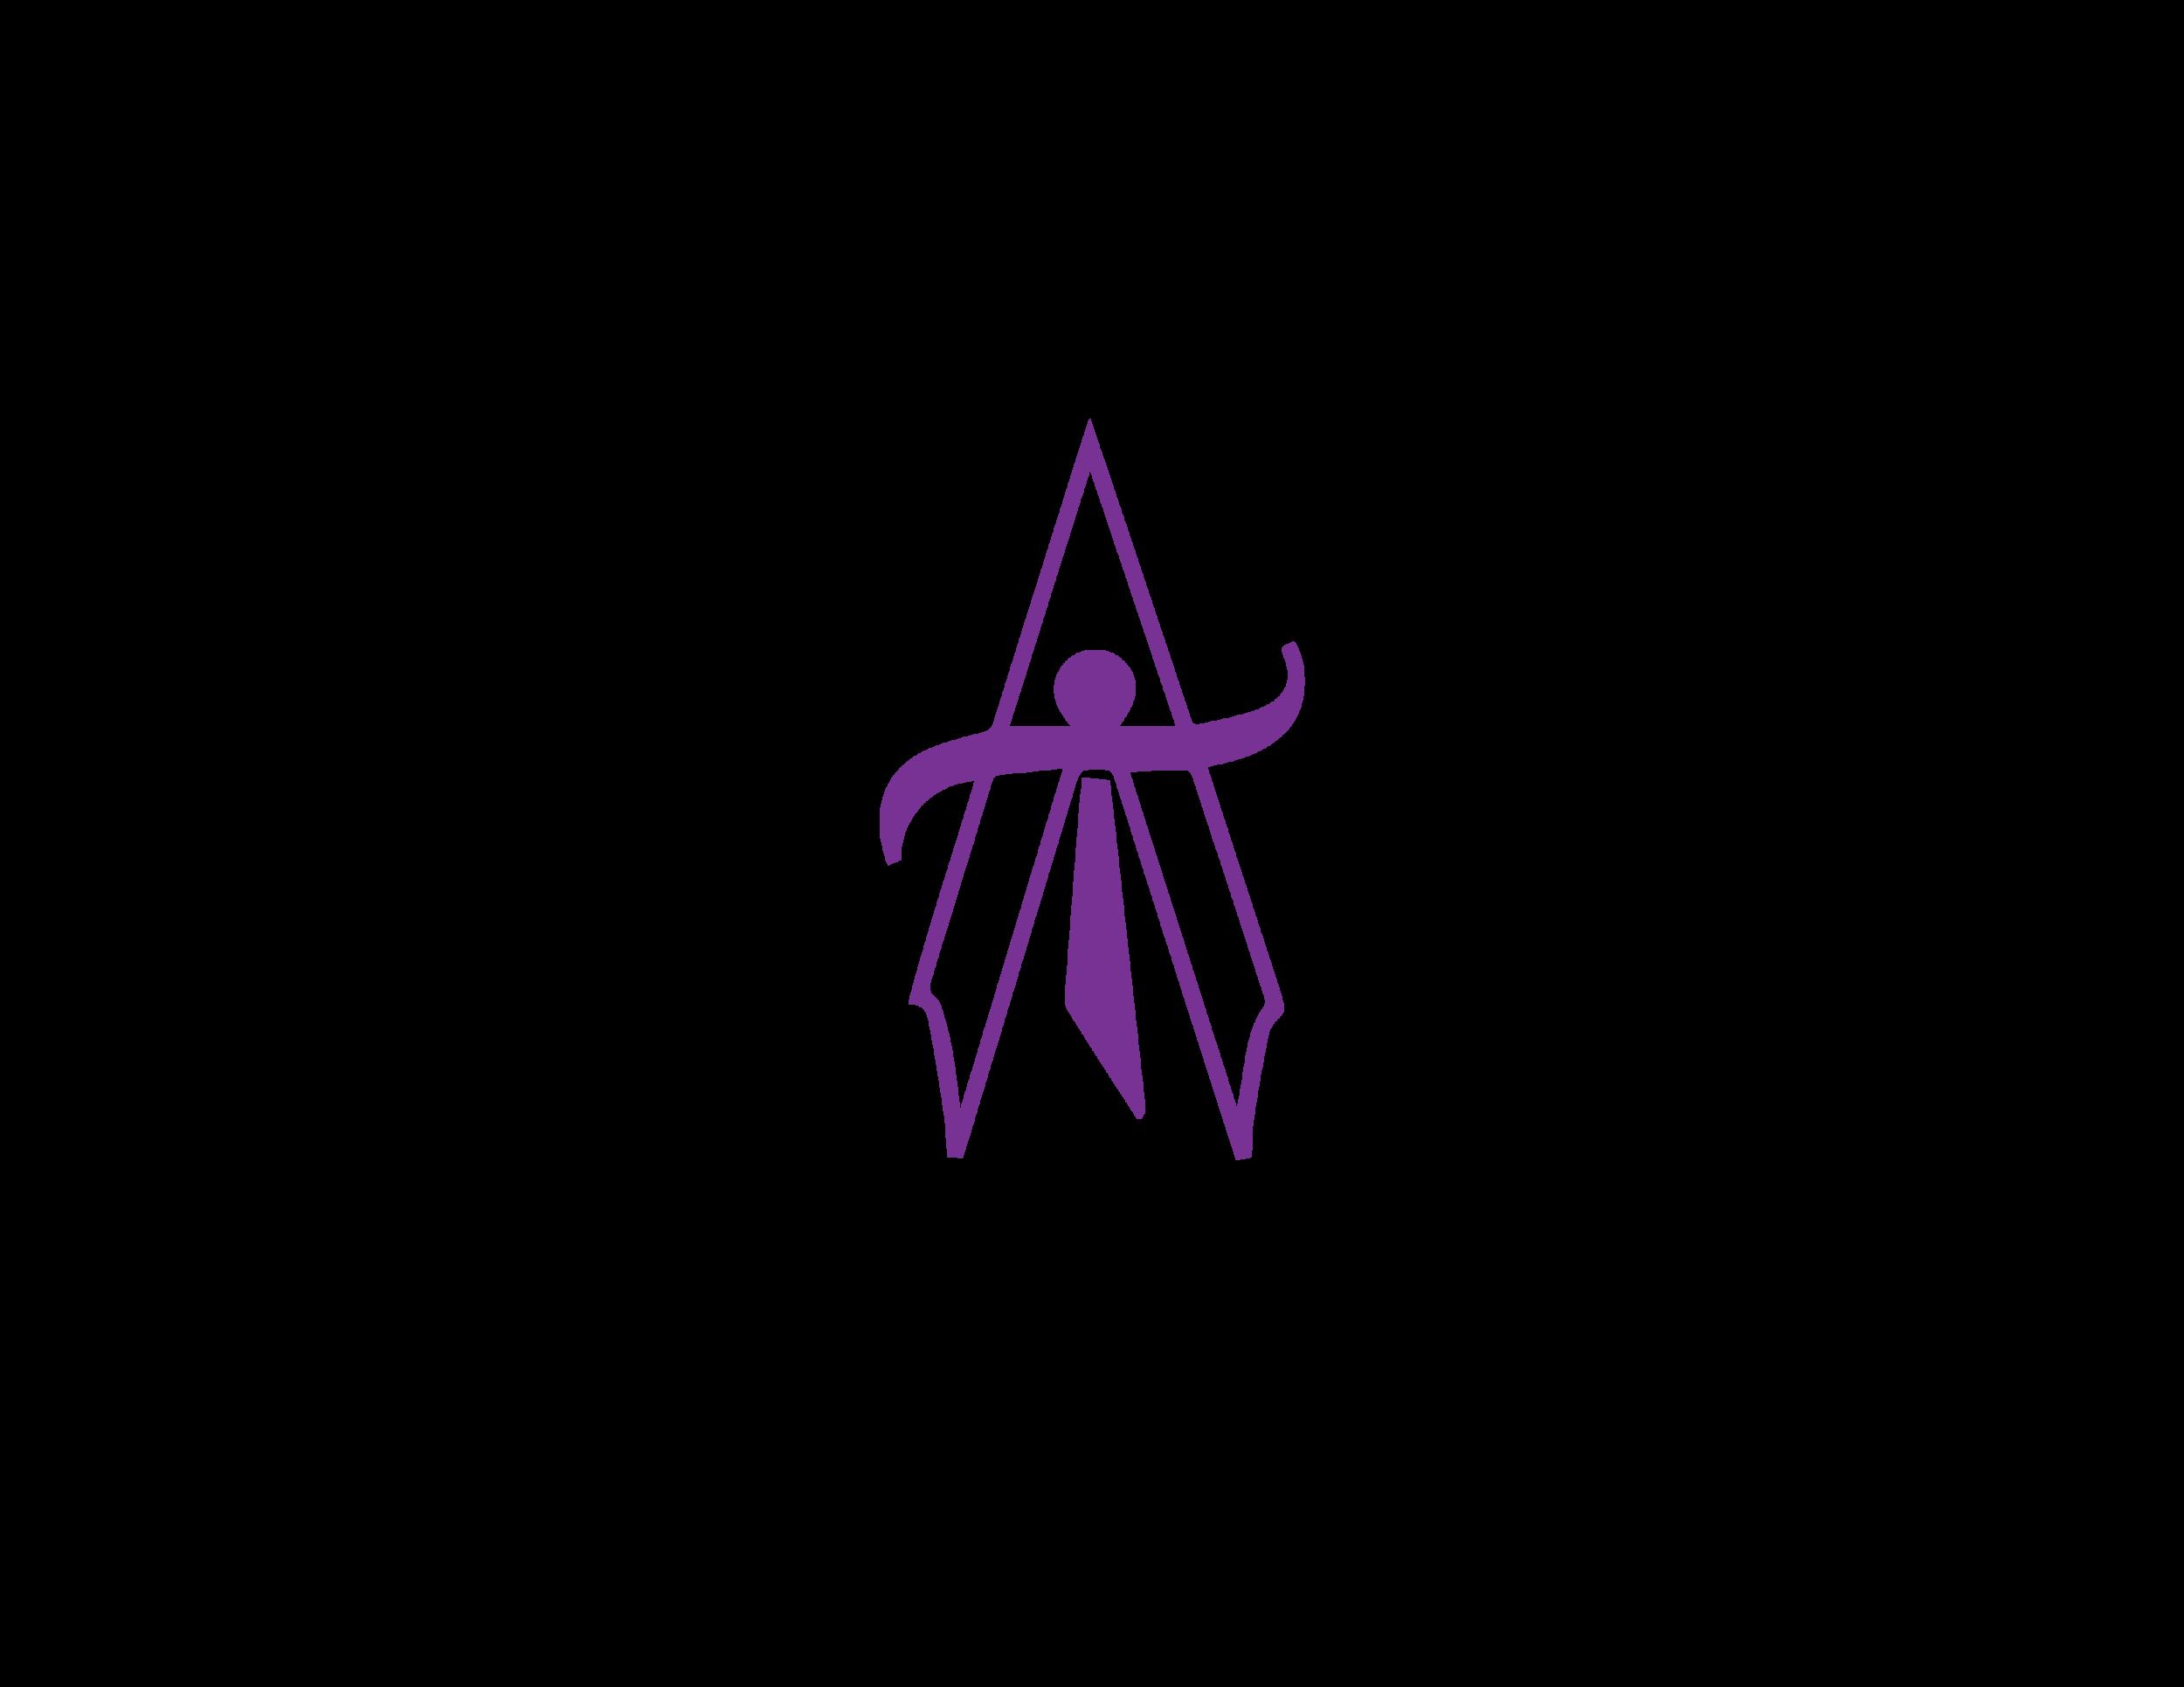 AOIT_Logos-03.png